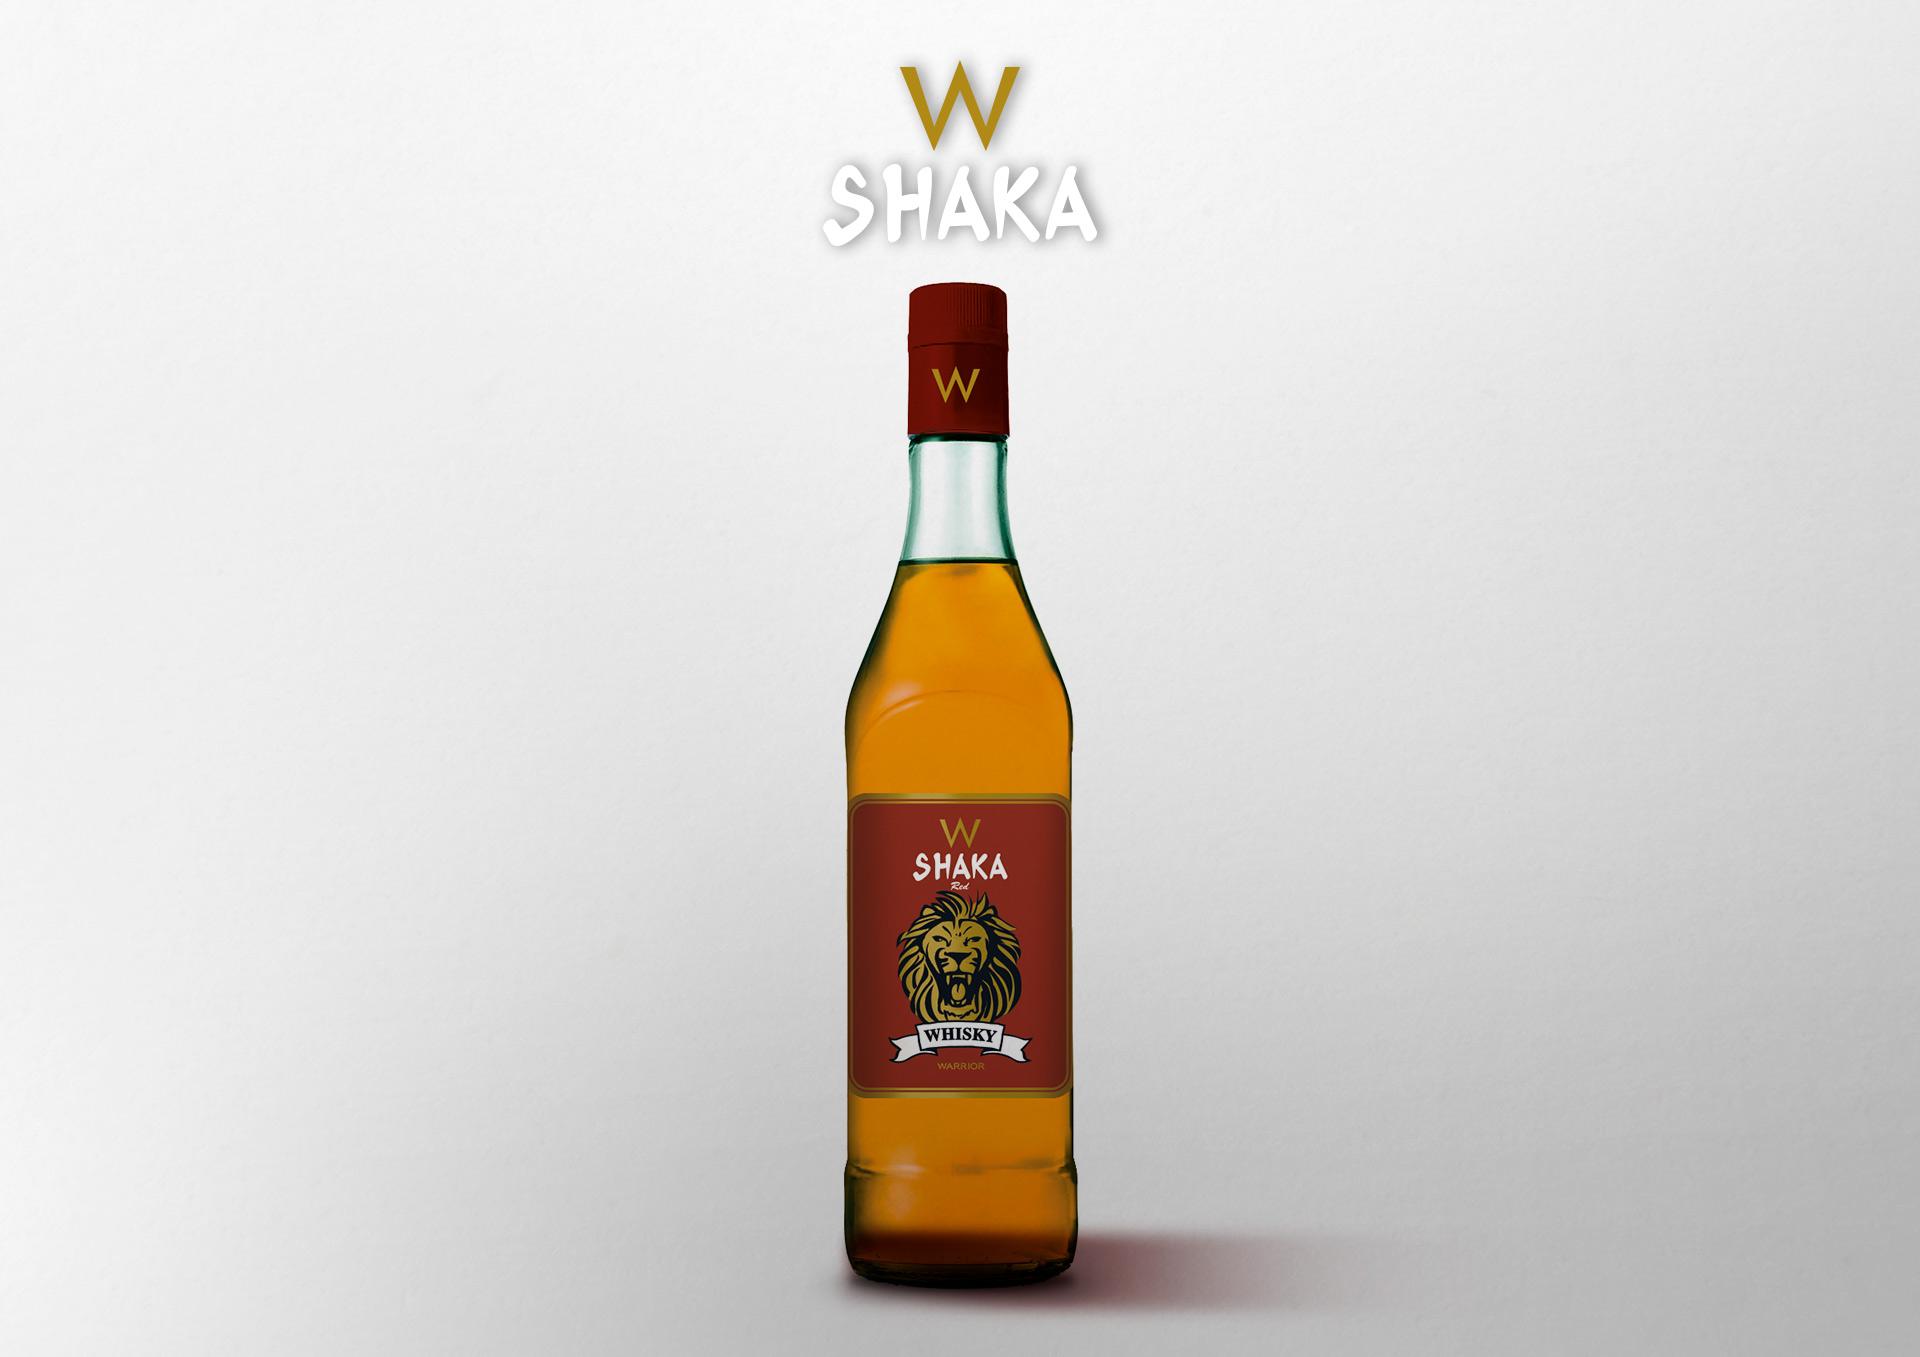 shaka whisky red exportacion de licores